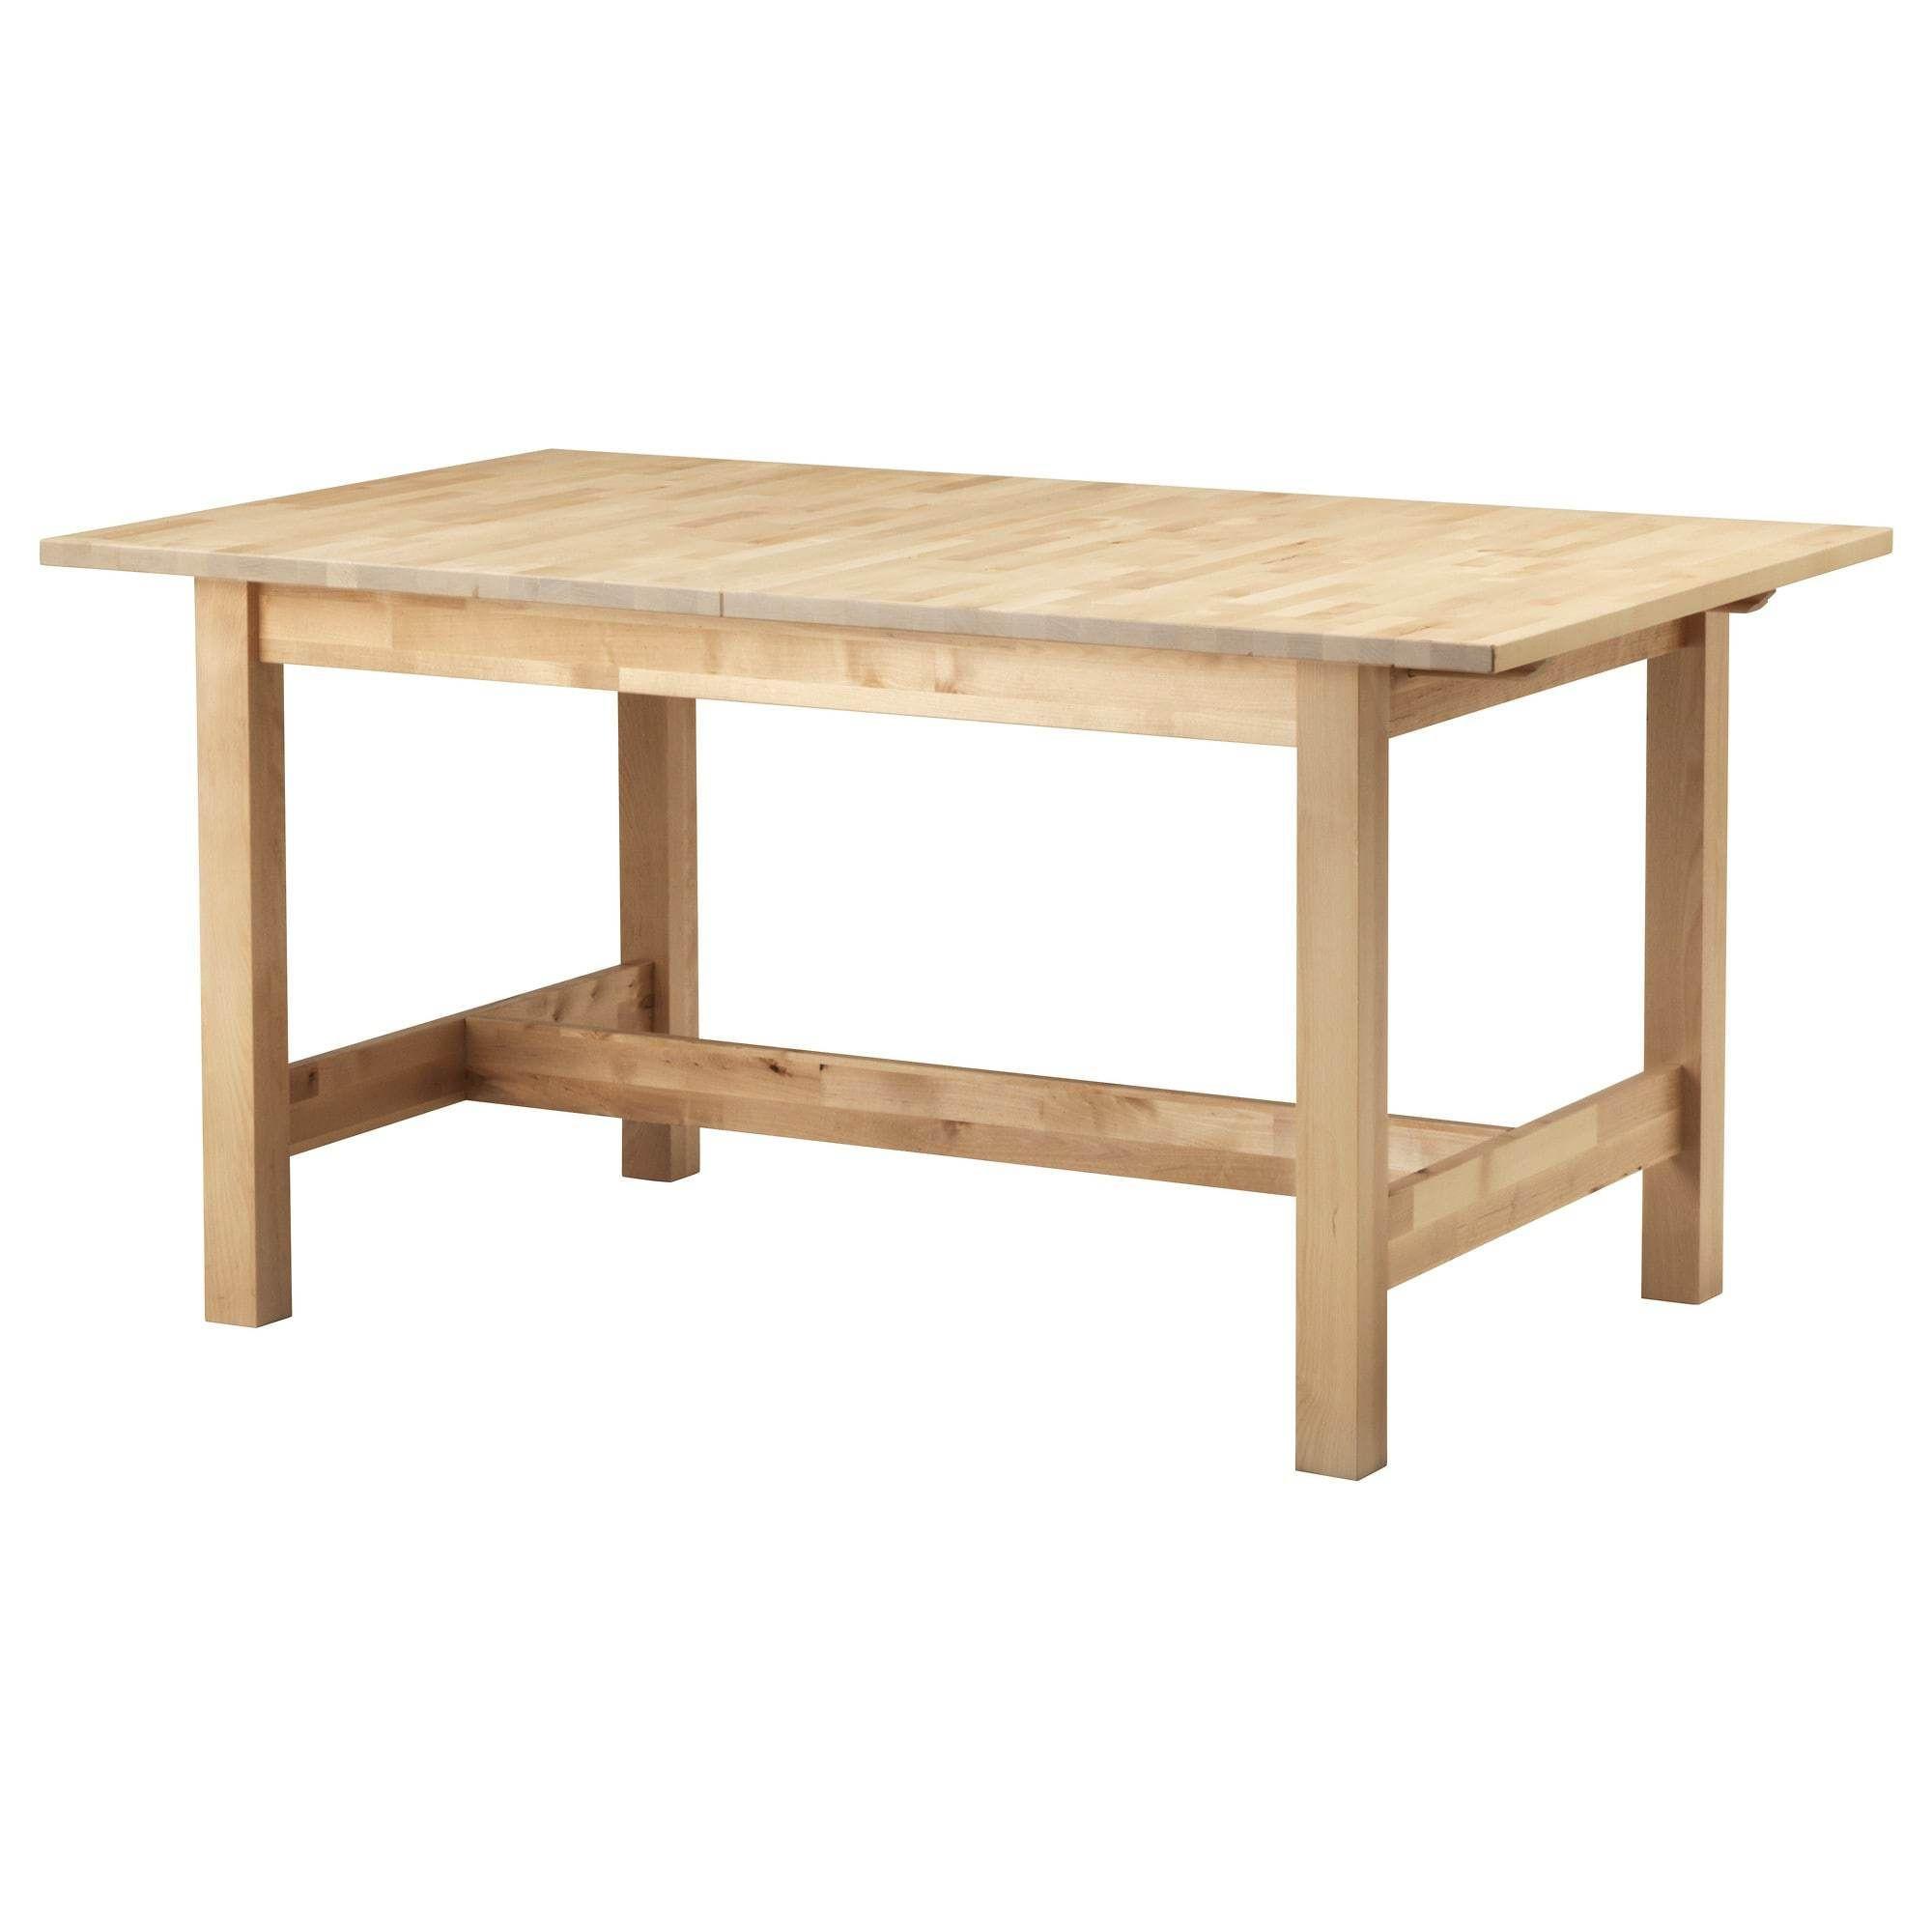 Full Size of Gartentisch Rund 120 Cm Ikea Tisch Esstisch Esstische Rundreise Kuba Und Baden Runde Betten Mexiko Regal 50 Breit Fenster Bett X 200 Sofa Sitzhöhe 55 30 Wohnzimmer Gartentisch Rund 120 Cm Ikea